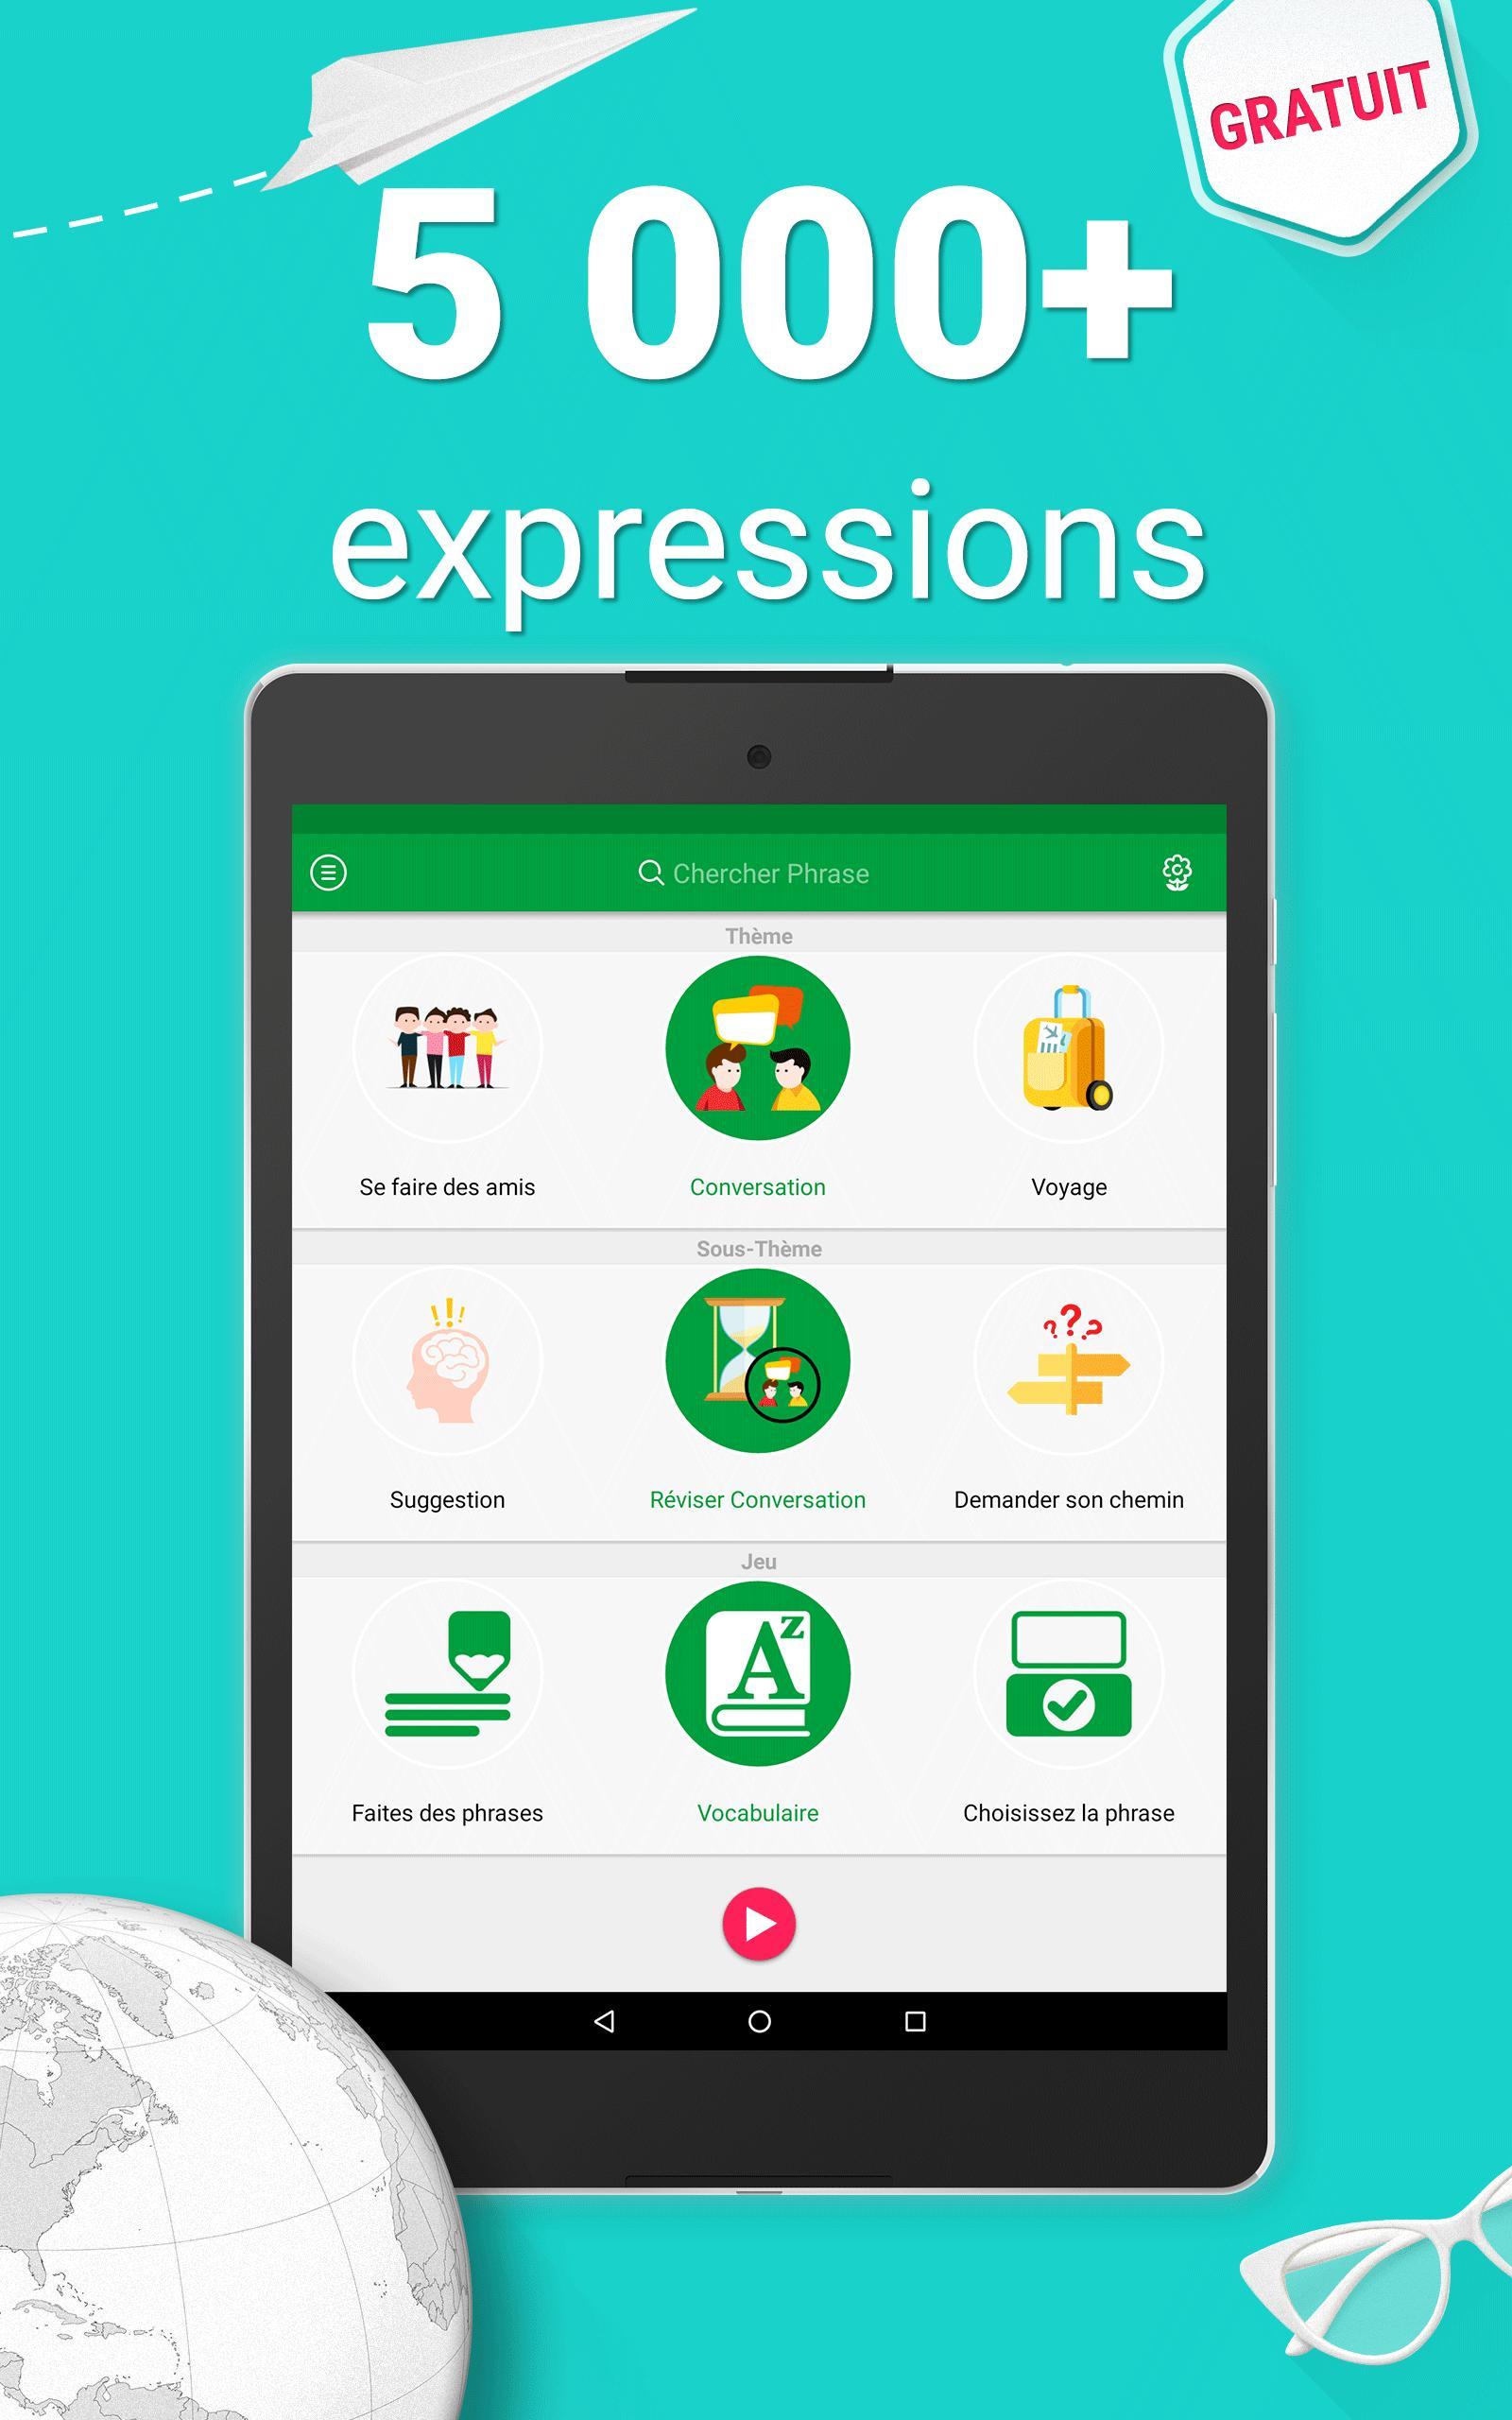 Cours De Russe - 5000 Expressions & Phrases Pour Android intérieur Apprendre Le Russe Facilement Gratuitement